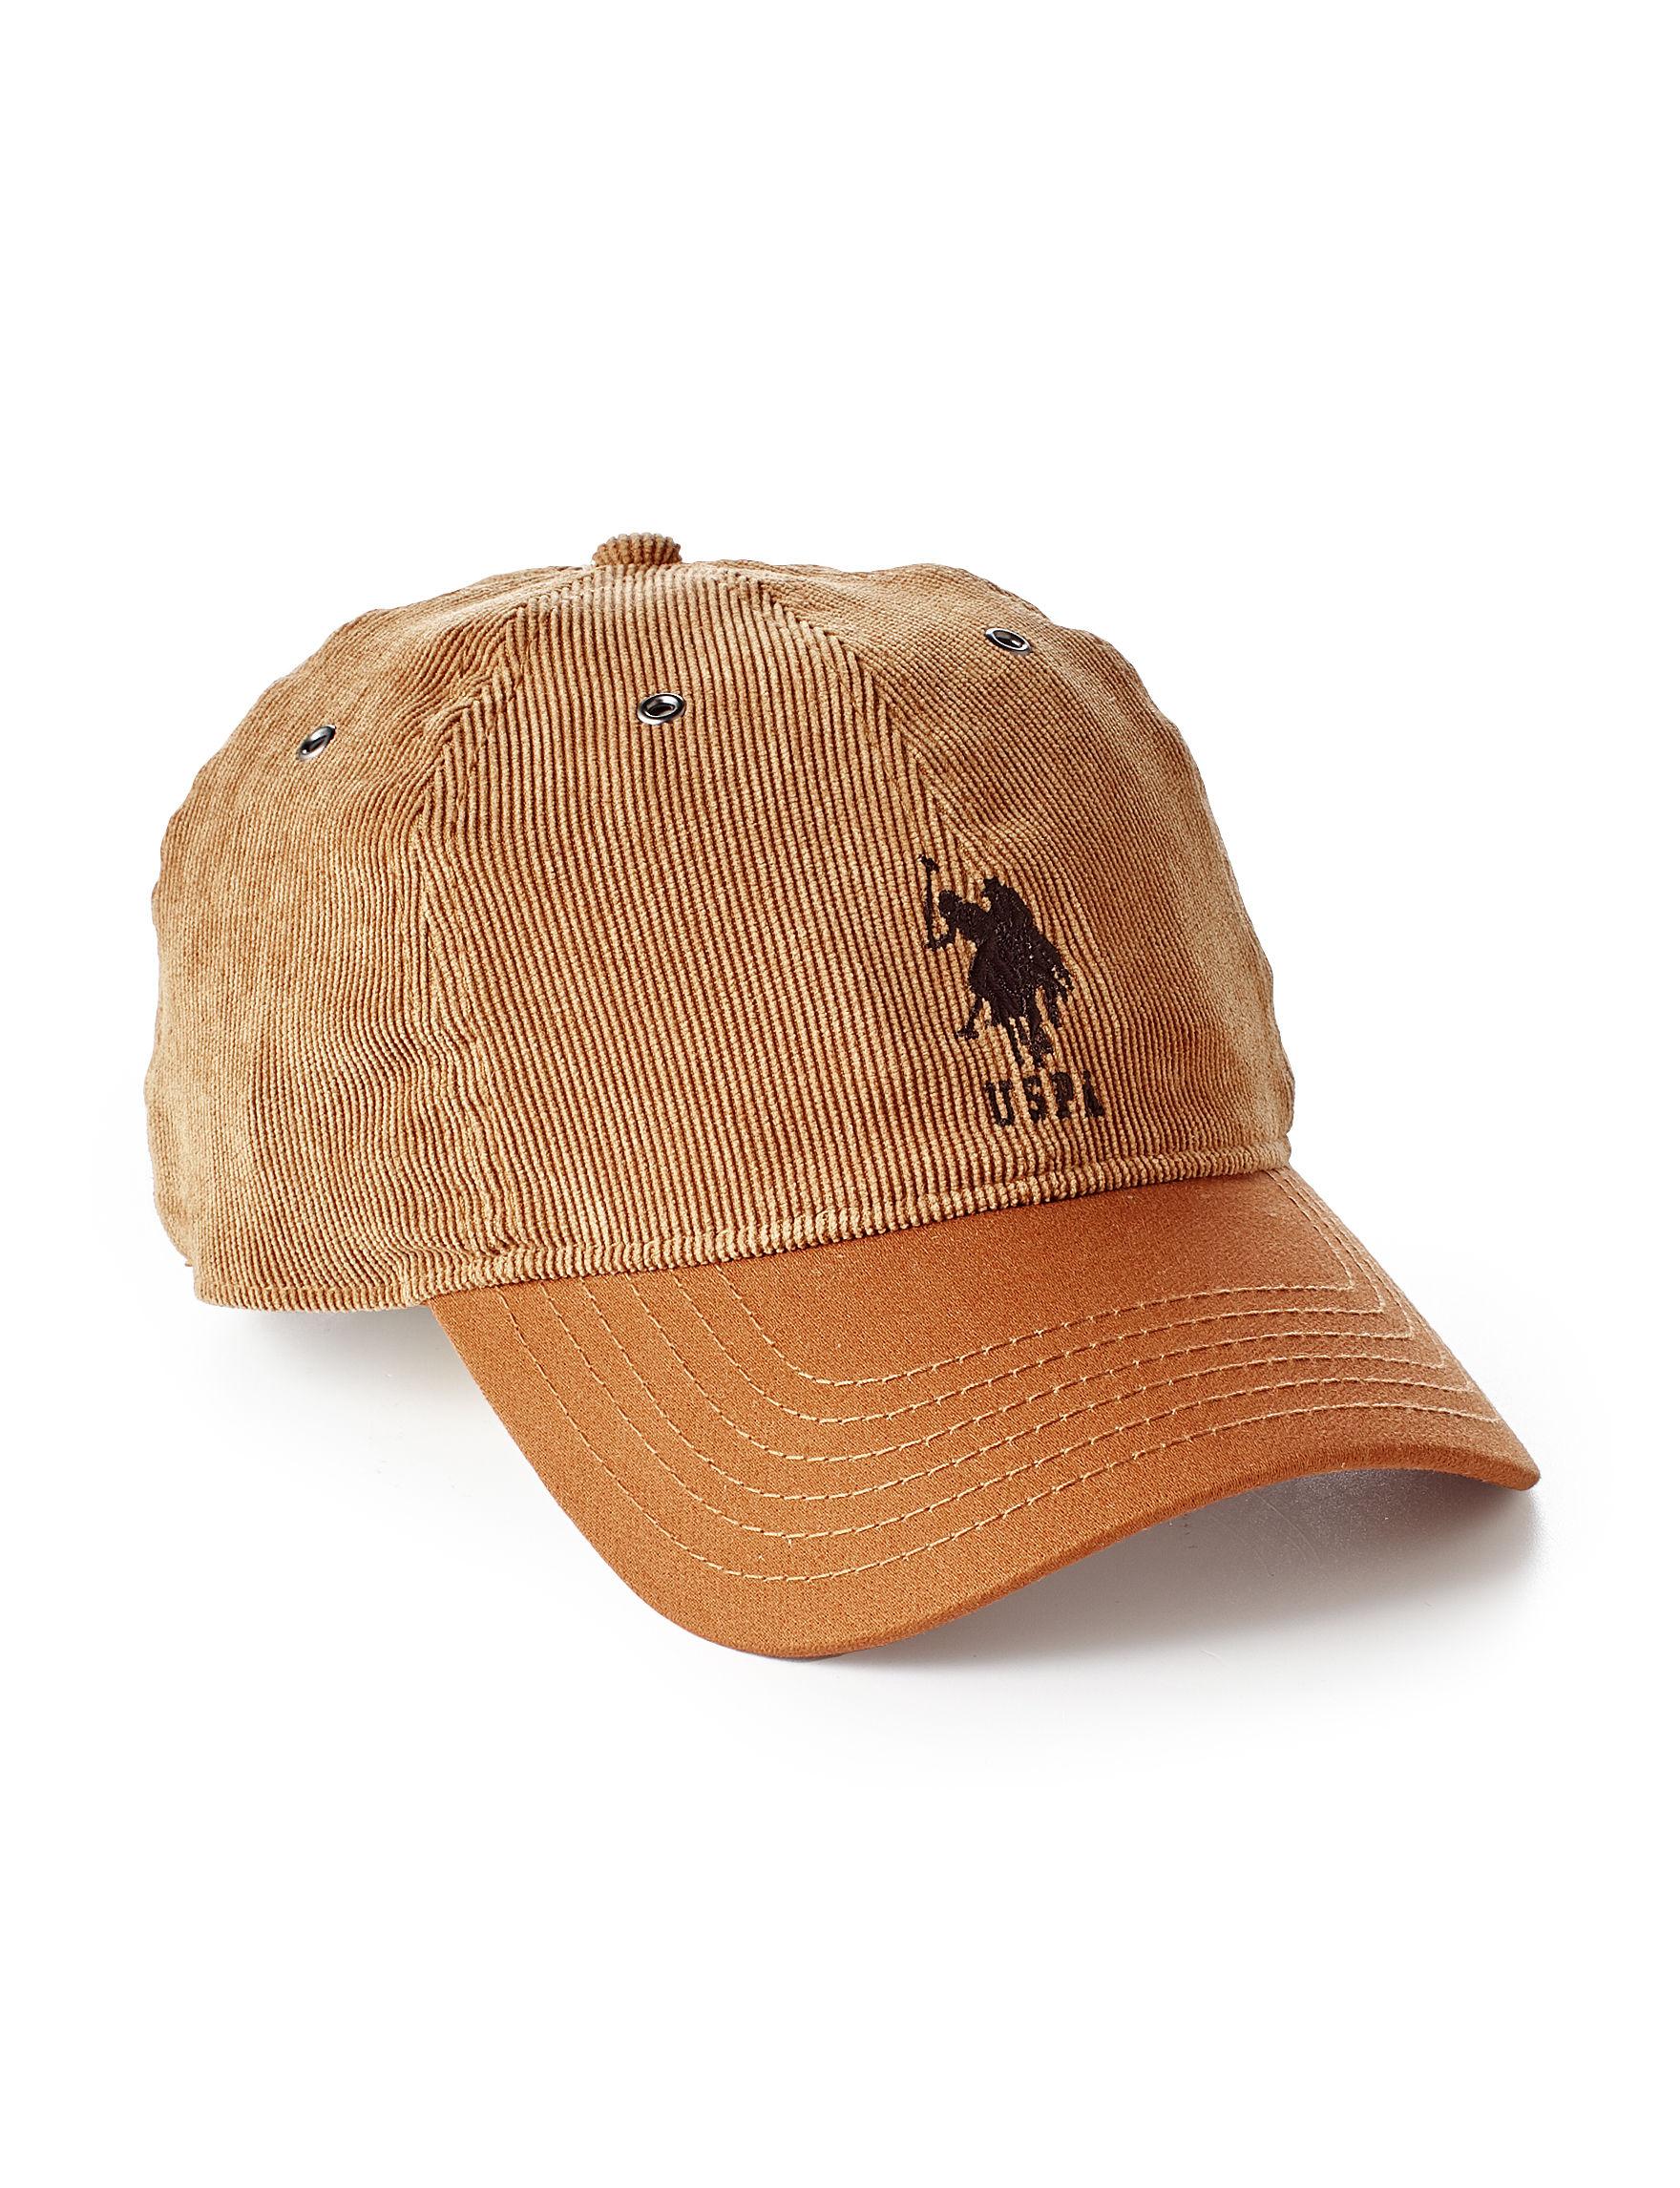 U.S. Polo Assn. Beige Hats & Headwear